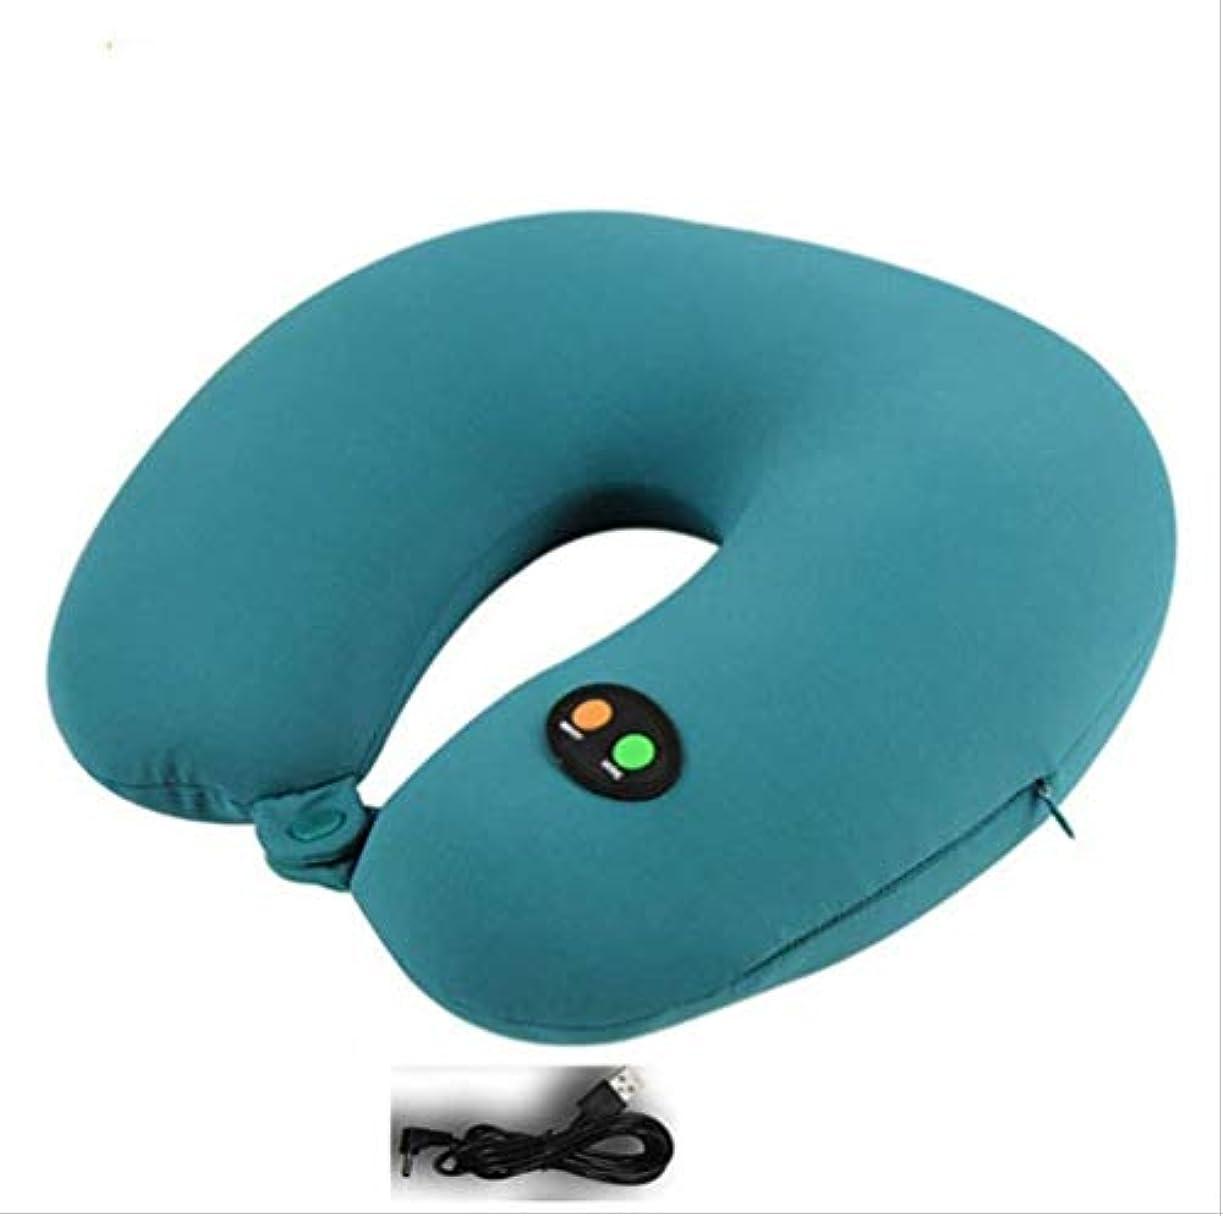 バイバイ支援朝U字型枕枕U-Typeでカーマッサージ枕Usbのホーム頚椎マッサージ枕